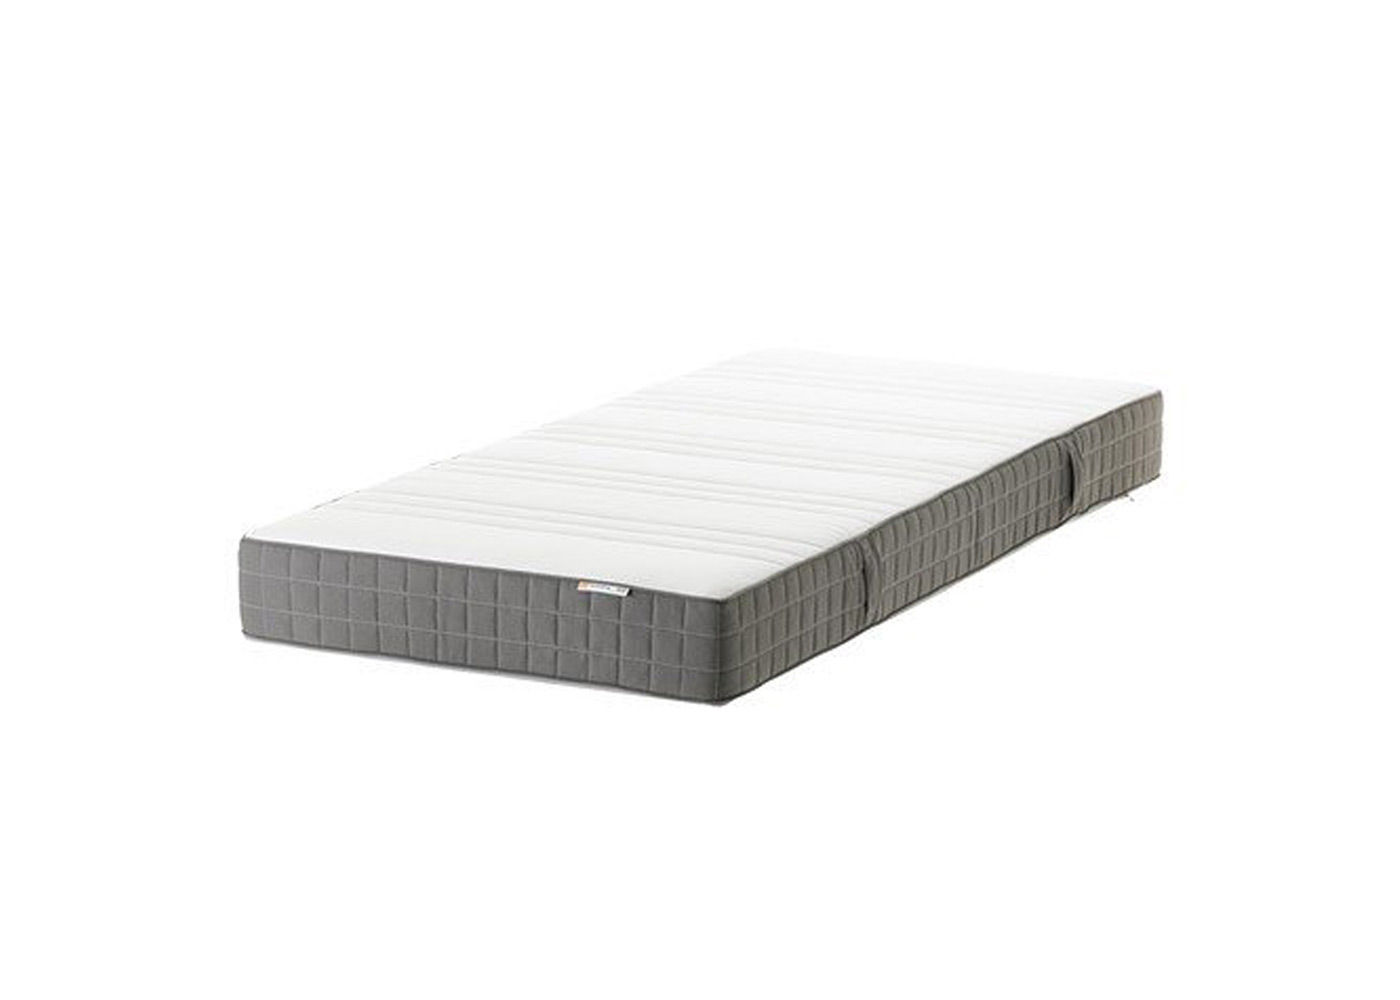 matratzen test diese g nstigen produkte schneiden am besten ab antenne bayern. Black Bedroom Furniture Sets. Home Design Ideas